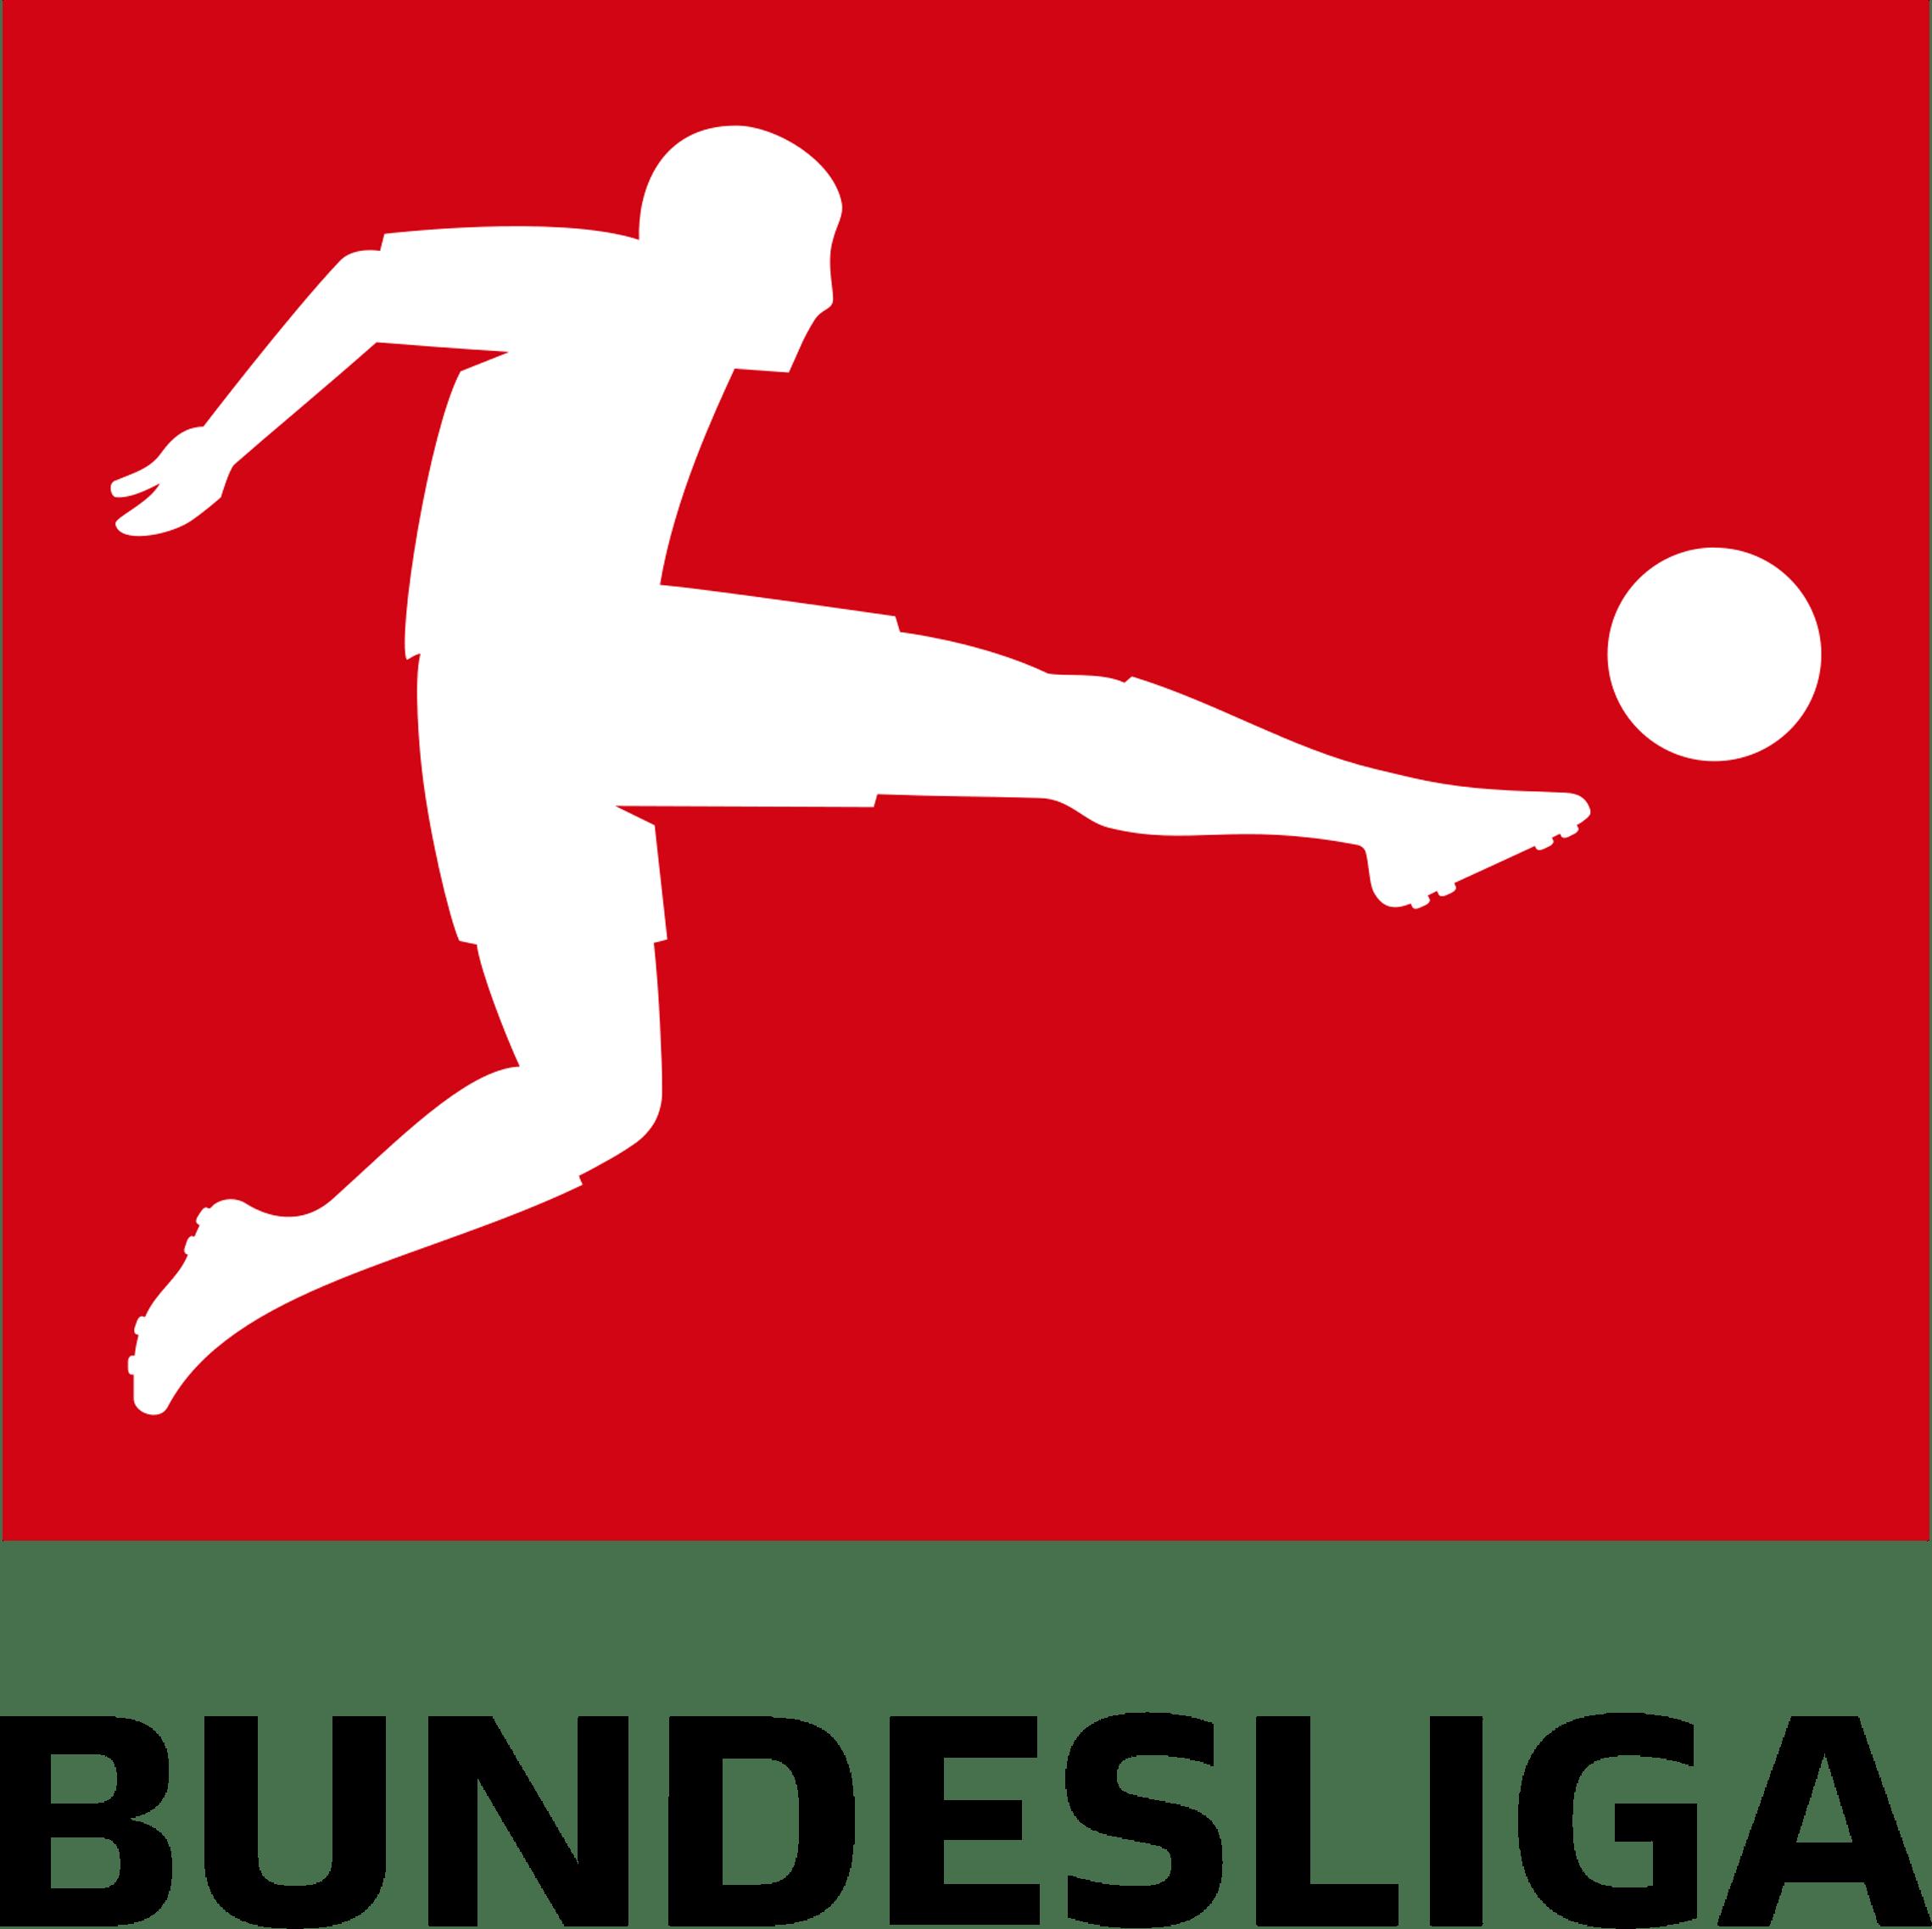 الدوري الألماني الدرجة الأولى 2019 20 ويكيبيديا